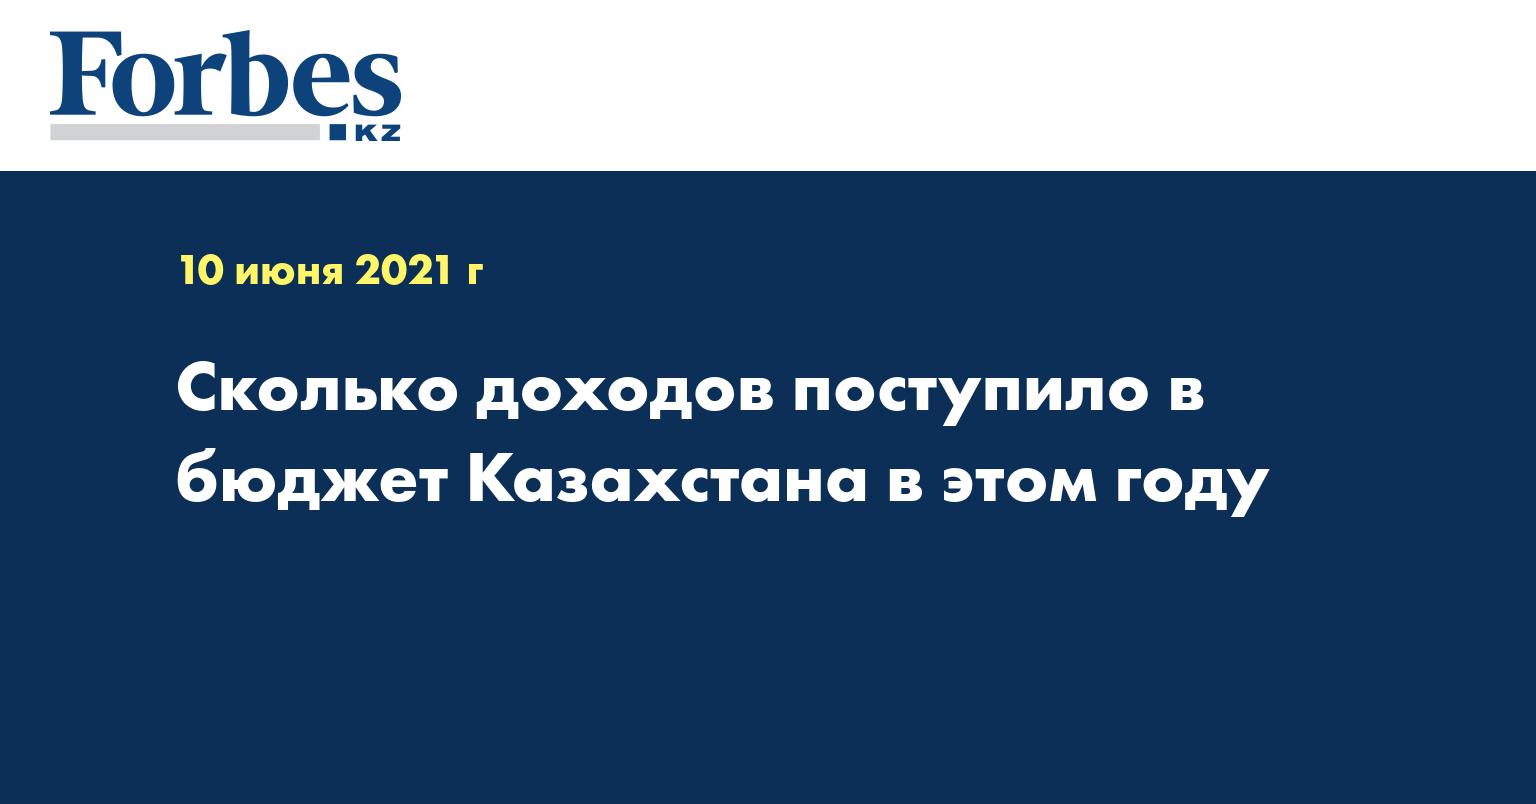 Сколько доходов поступило в бюджет Казахстана в этом году